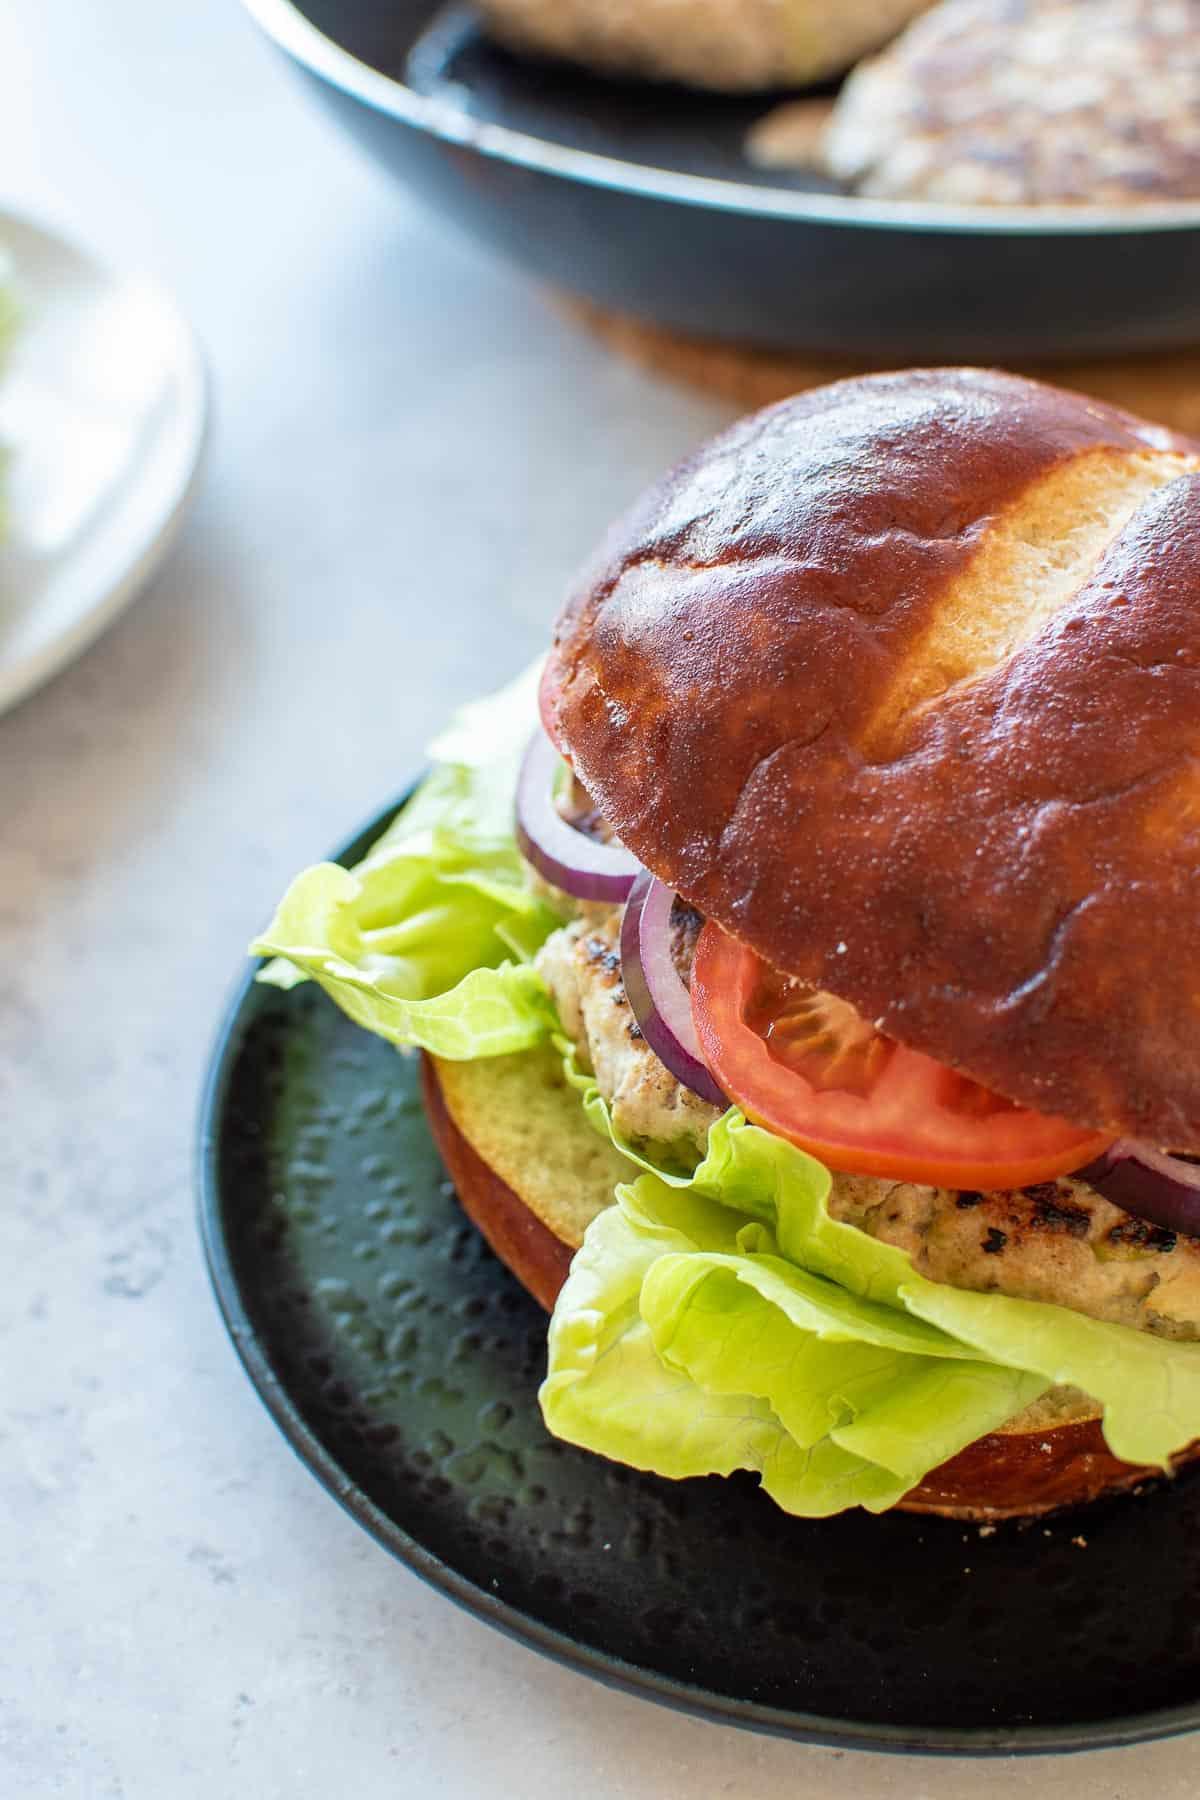 Close up of a burger.